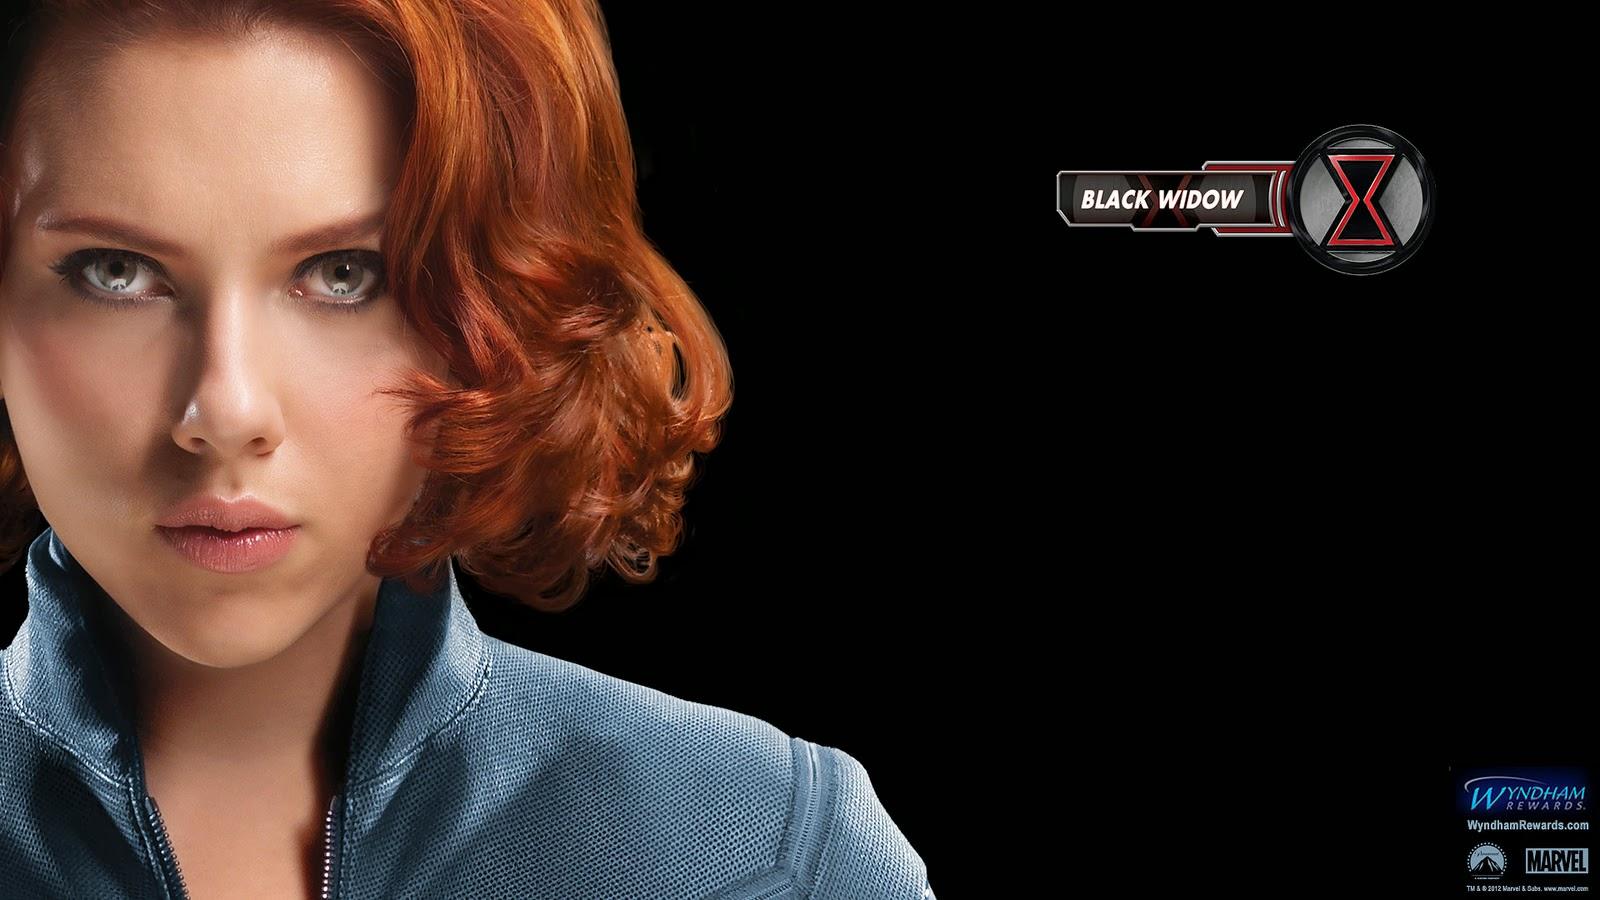 האלמנה השחורה של מארוול בנוקמים - סקרלט ג'והנסון